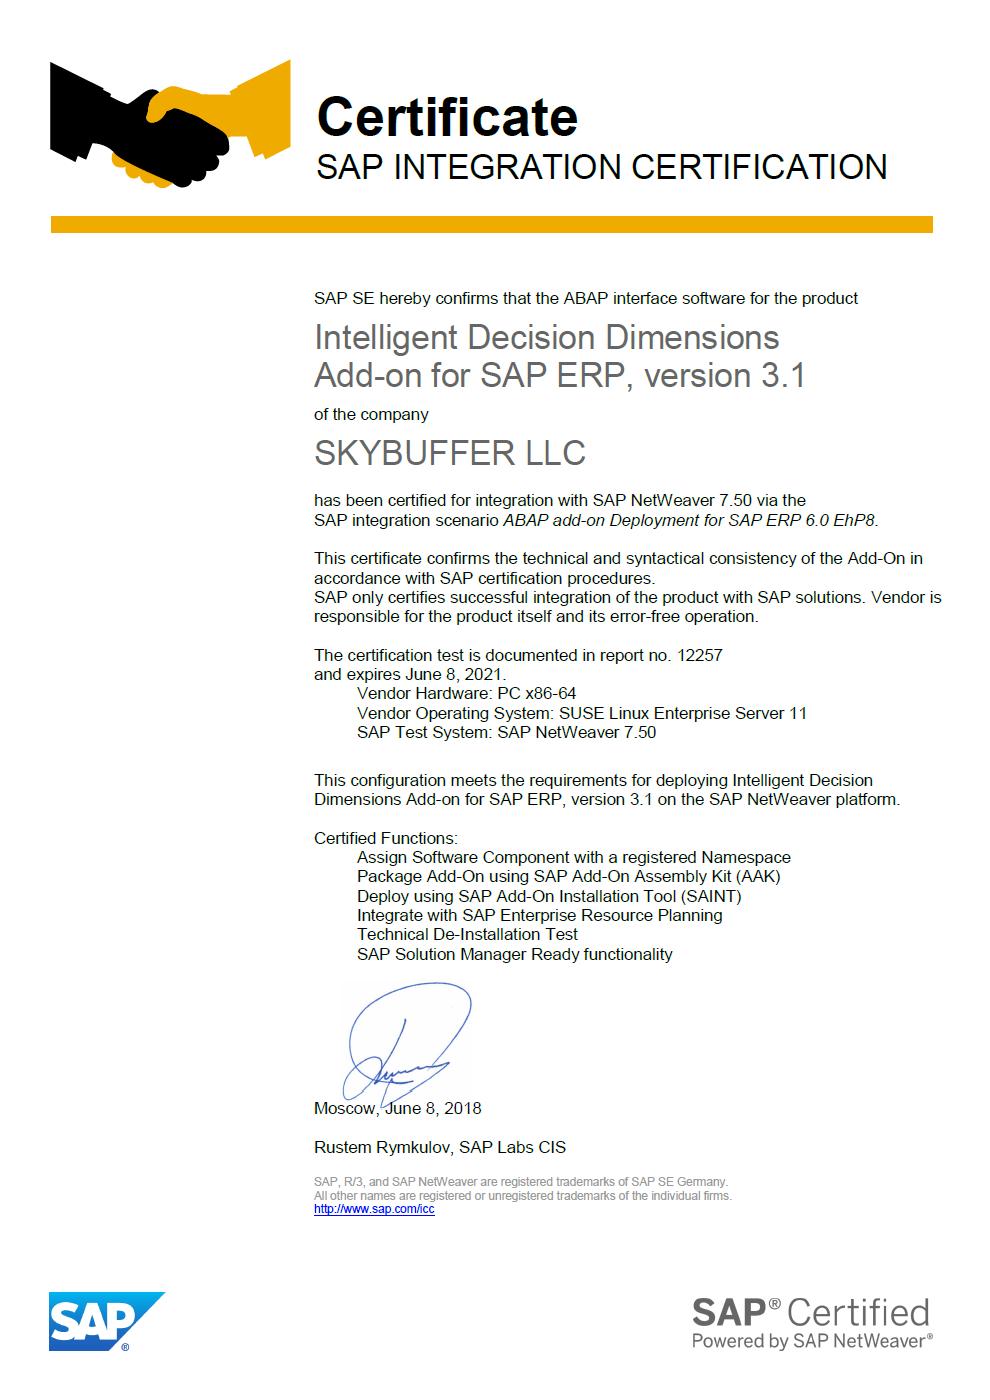 sap_idd_abap_3.1